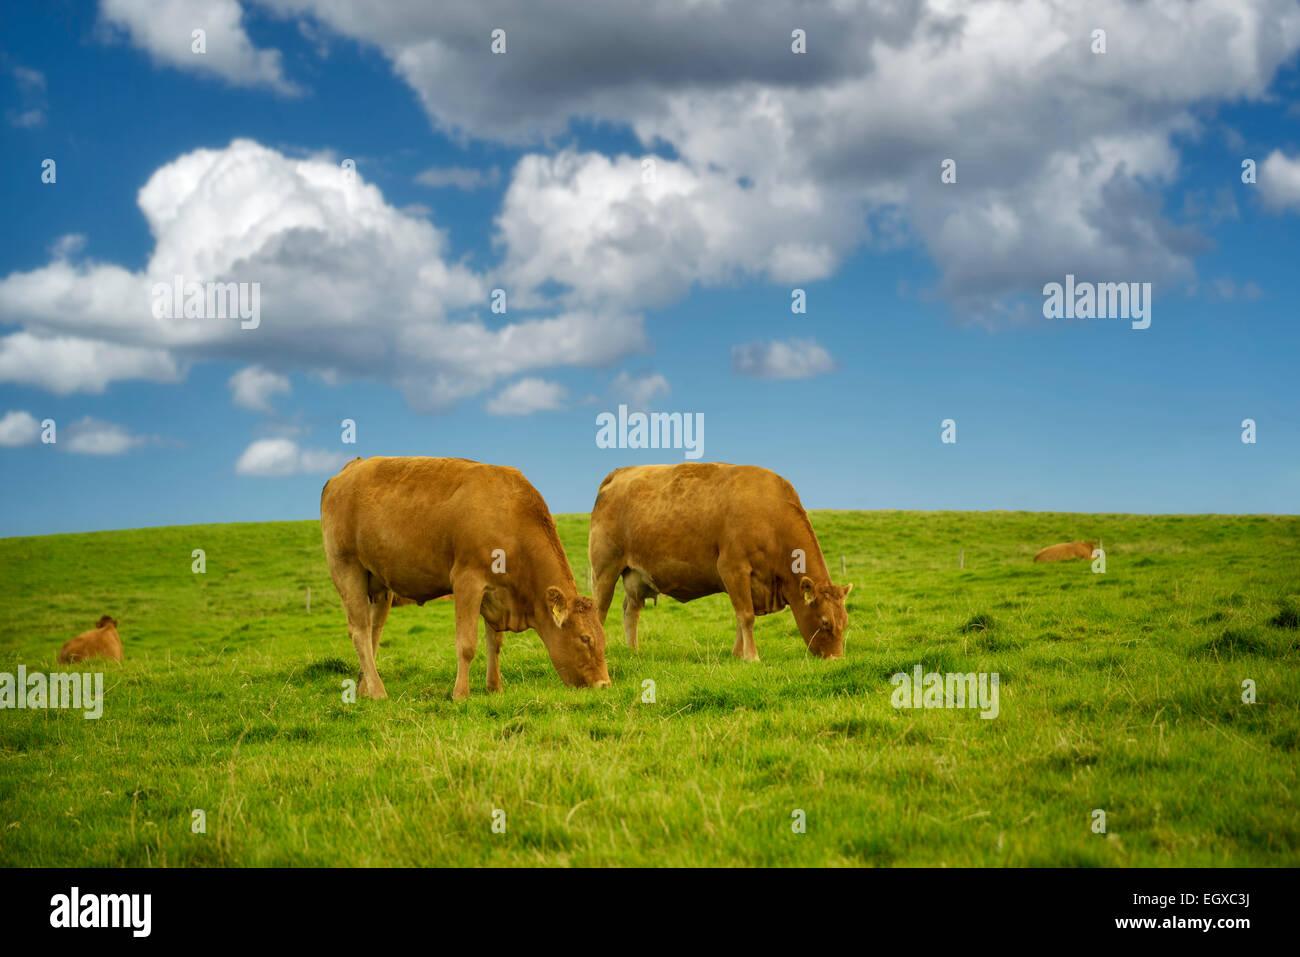 Vaches qui paissent dans les pâturages. L'Irlande. Banque D'Images